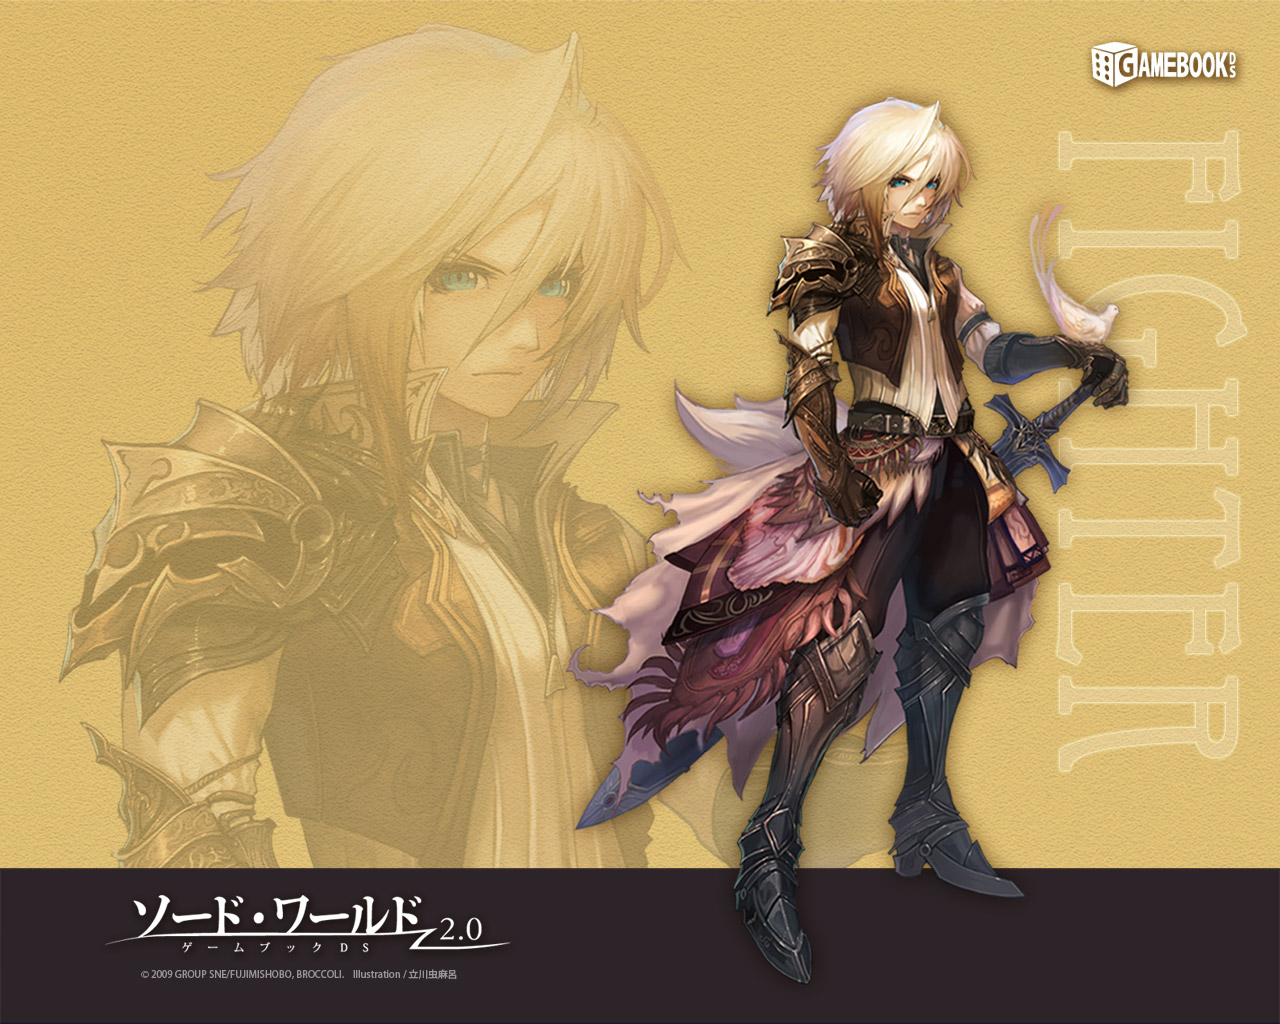 FAQs and Game Help for Akai Katana Shin - ign.com